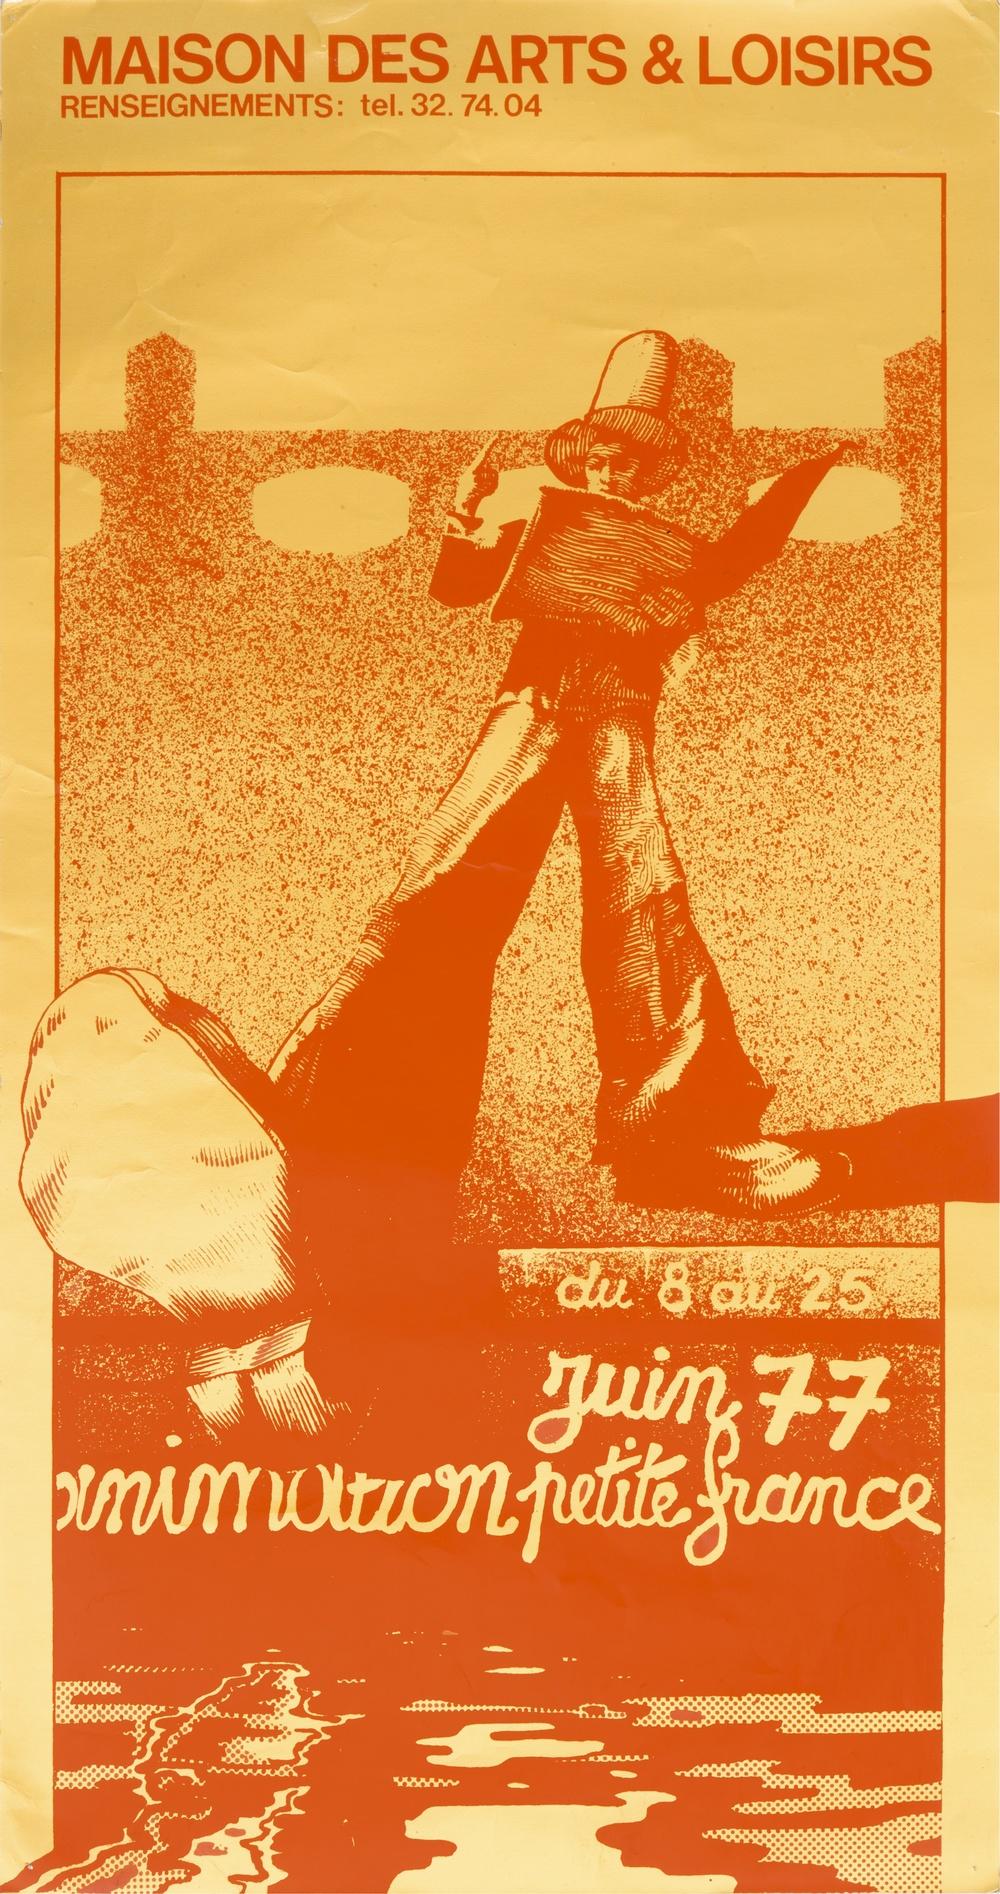 Affiche sérigraphie. Animation Petite France (8 au 25 juin 1977). Droits réservés. 120x63 cm. Archives TJP, Strasbourg.